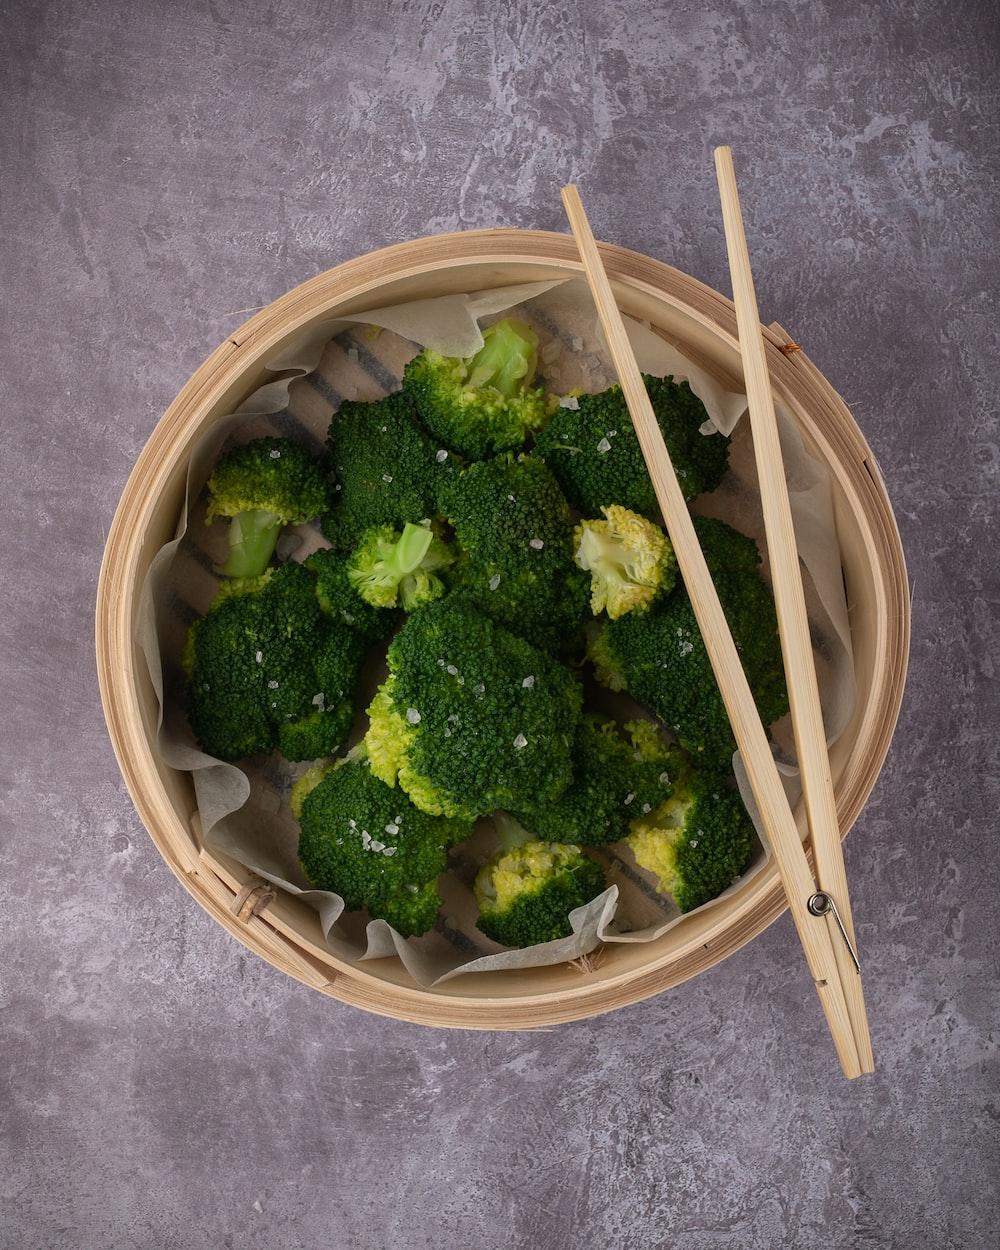 green broccoli in white round ceramic bowl